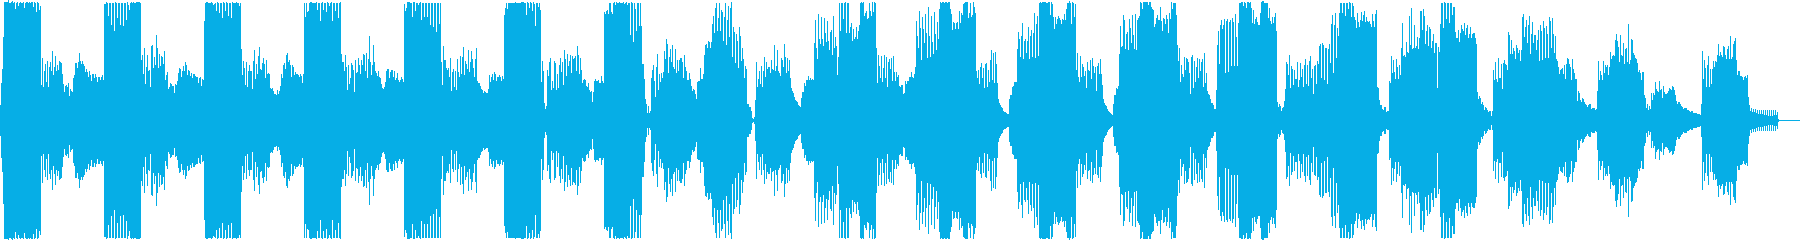 様々な着信音が次々になり続ける効果音2の再生済みの波形